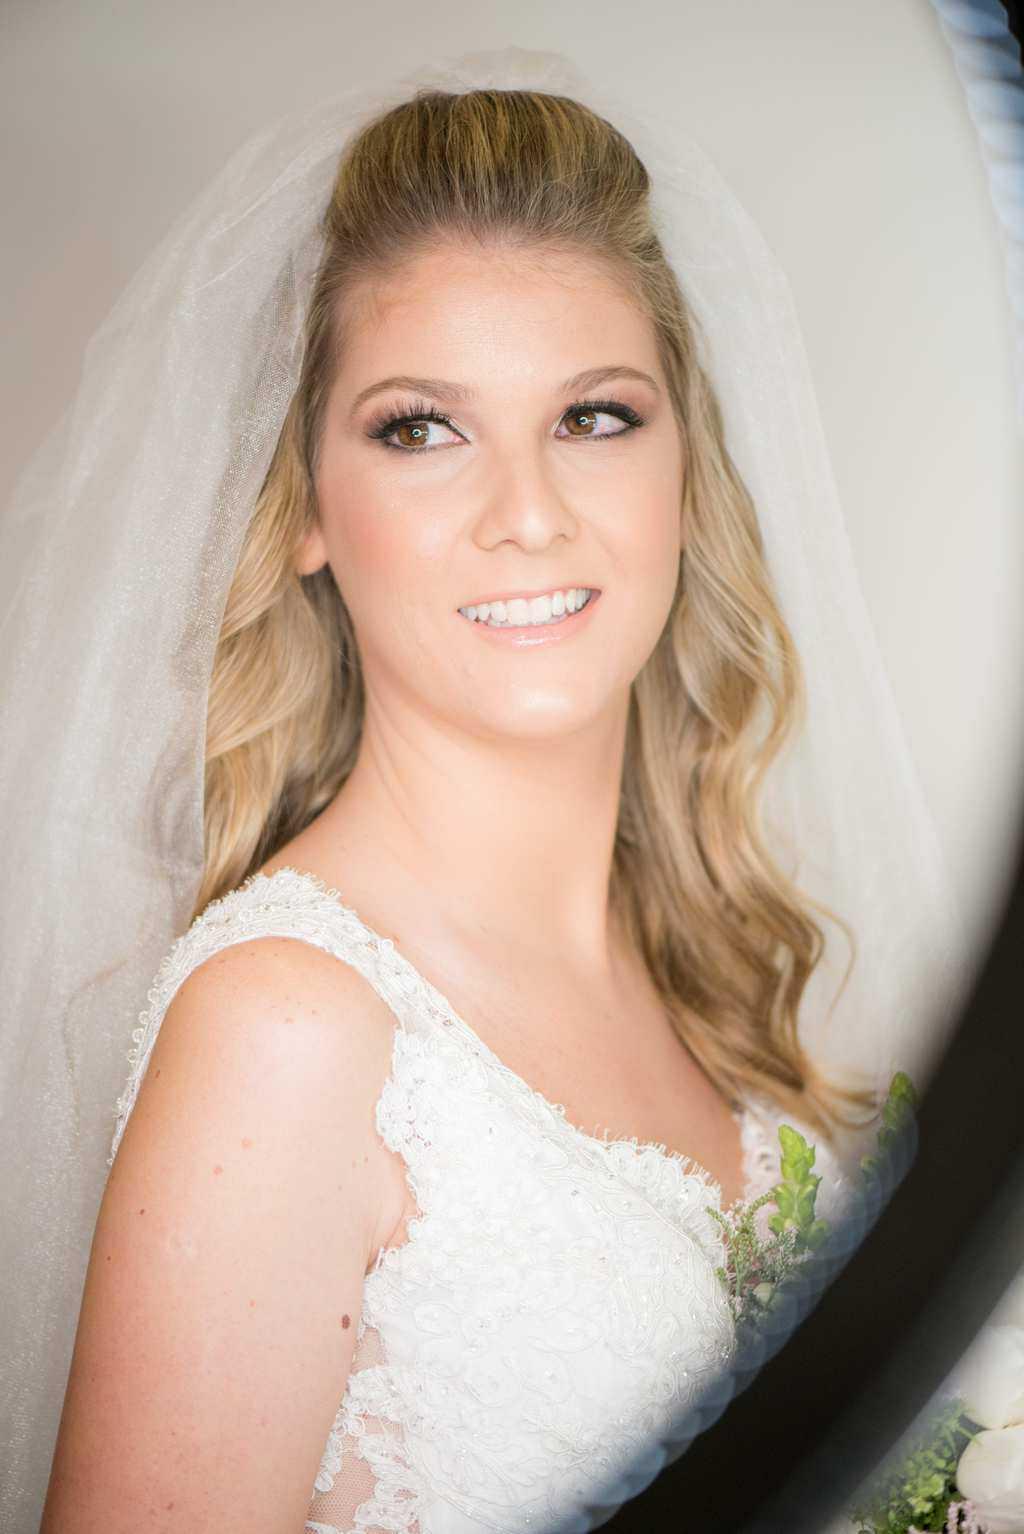 casamento-de-dia-casamento-Nicole-e-Thales-casamento-no-jardim-csasamento-ao-ar-livre-Fotografia-Marina-Fava-Galeria-Jardim-Rio-de-Janeiro-35